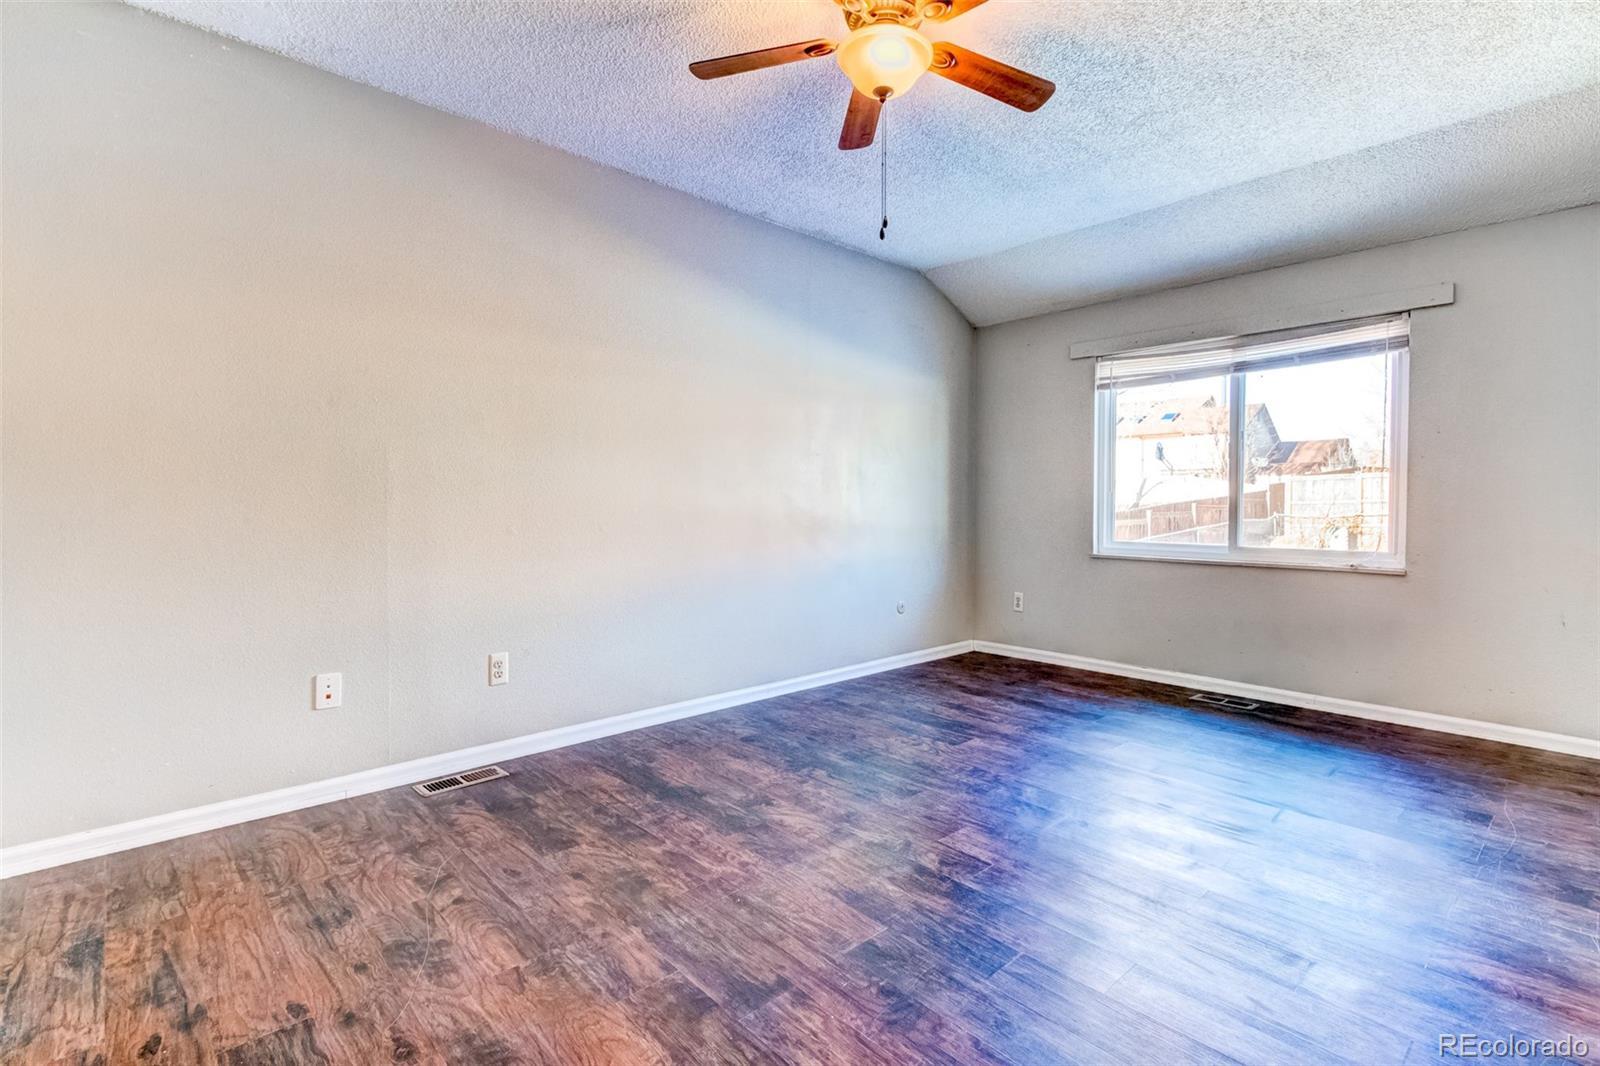 MLS# 3971257 - 11 - 2025 Eddington Way, Colorado Springs, CO 80916